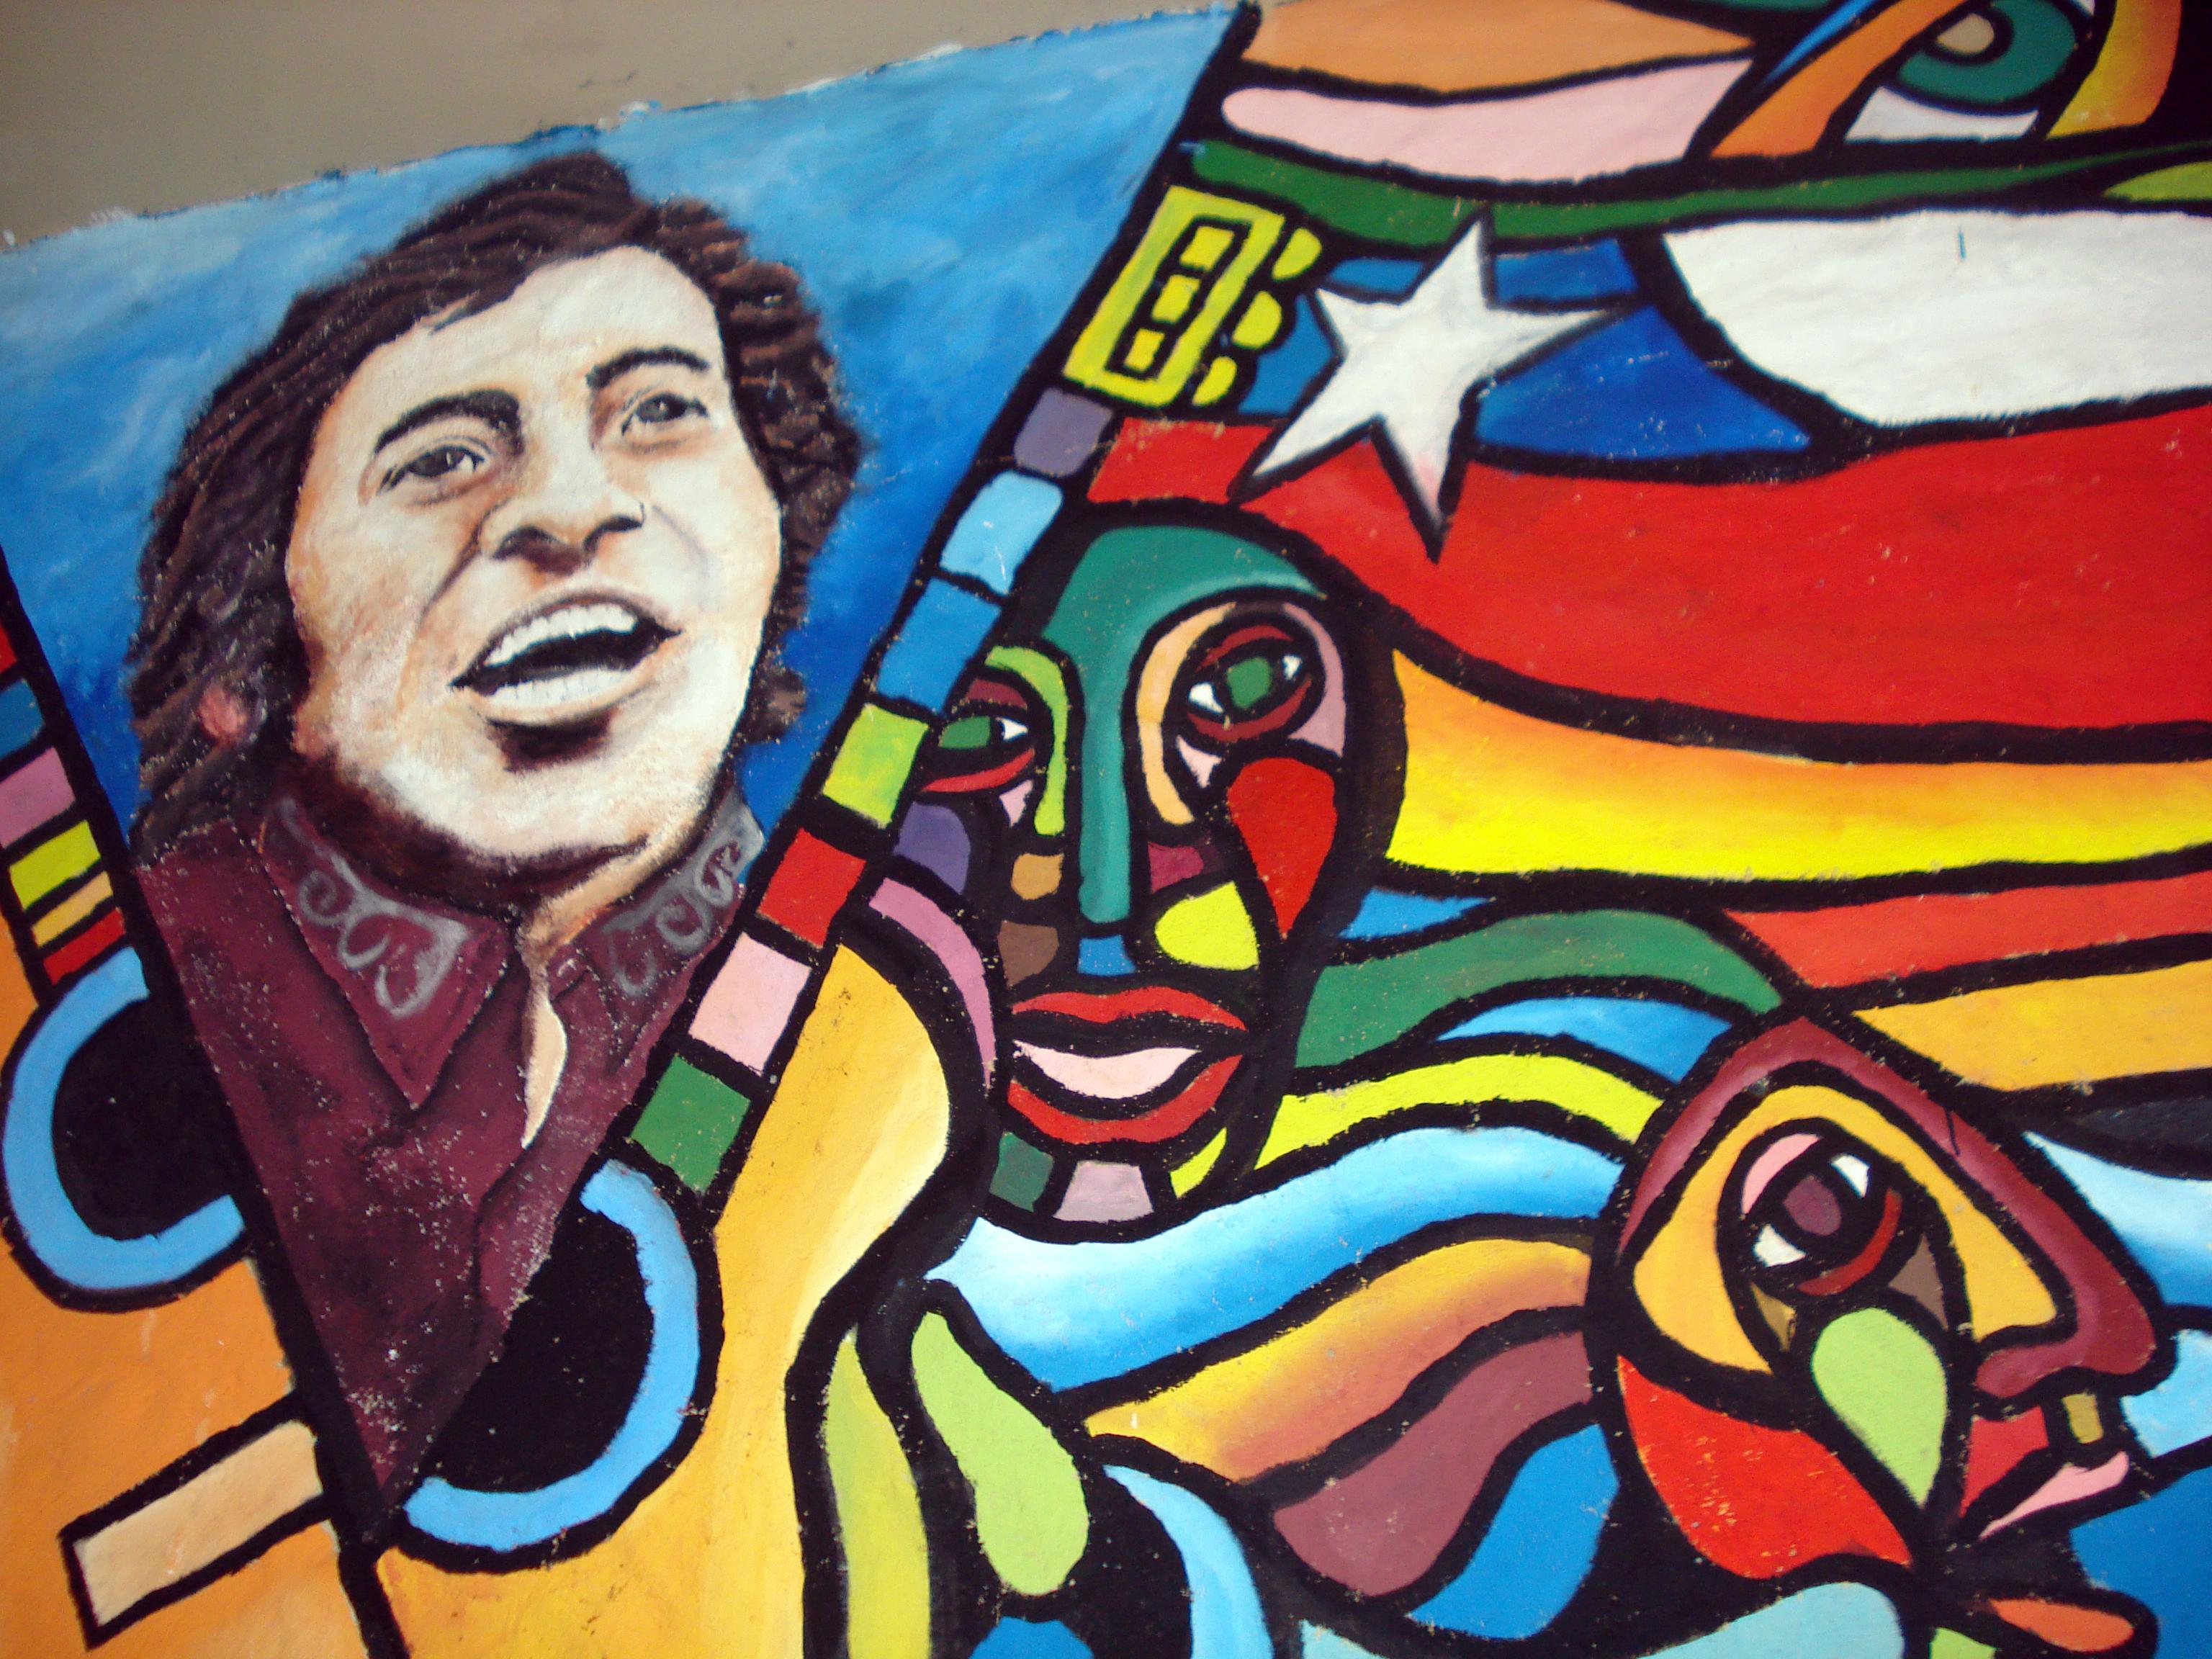 Archivo Mural Victor Jara Jpg Wikipedia La Enciclopedia Libre